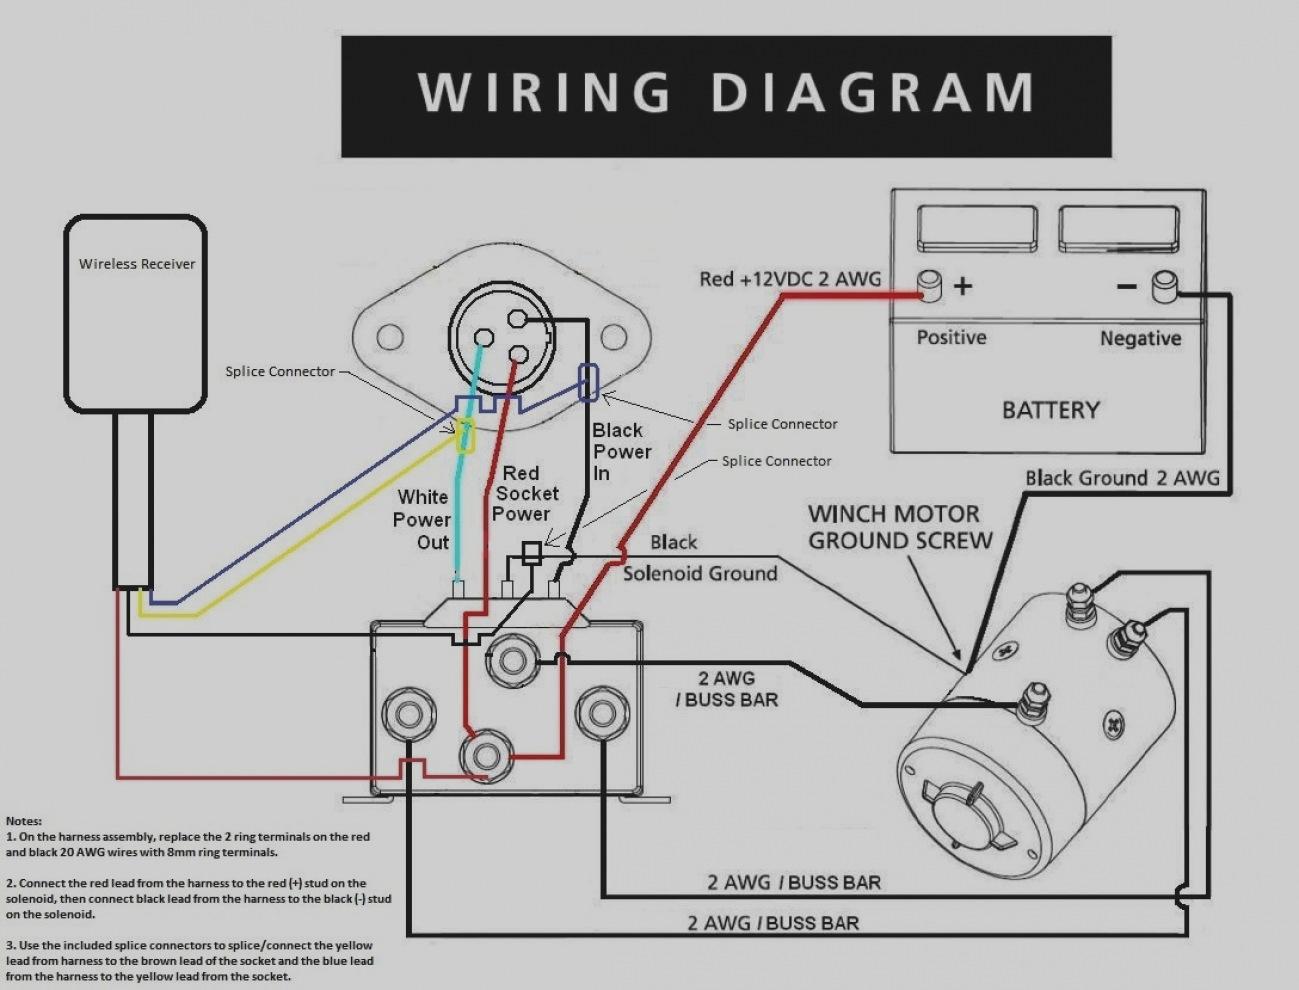 traveller winch wiring diagram Download-traveller winch remote control wiring diagram wire center u2022 rh moffmall co Smittybilt Winch Wiring Diagram Smittybilt Winch Wiring Diagram 8-g